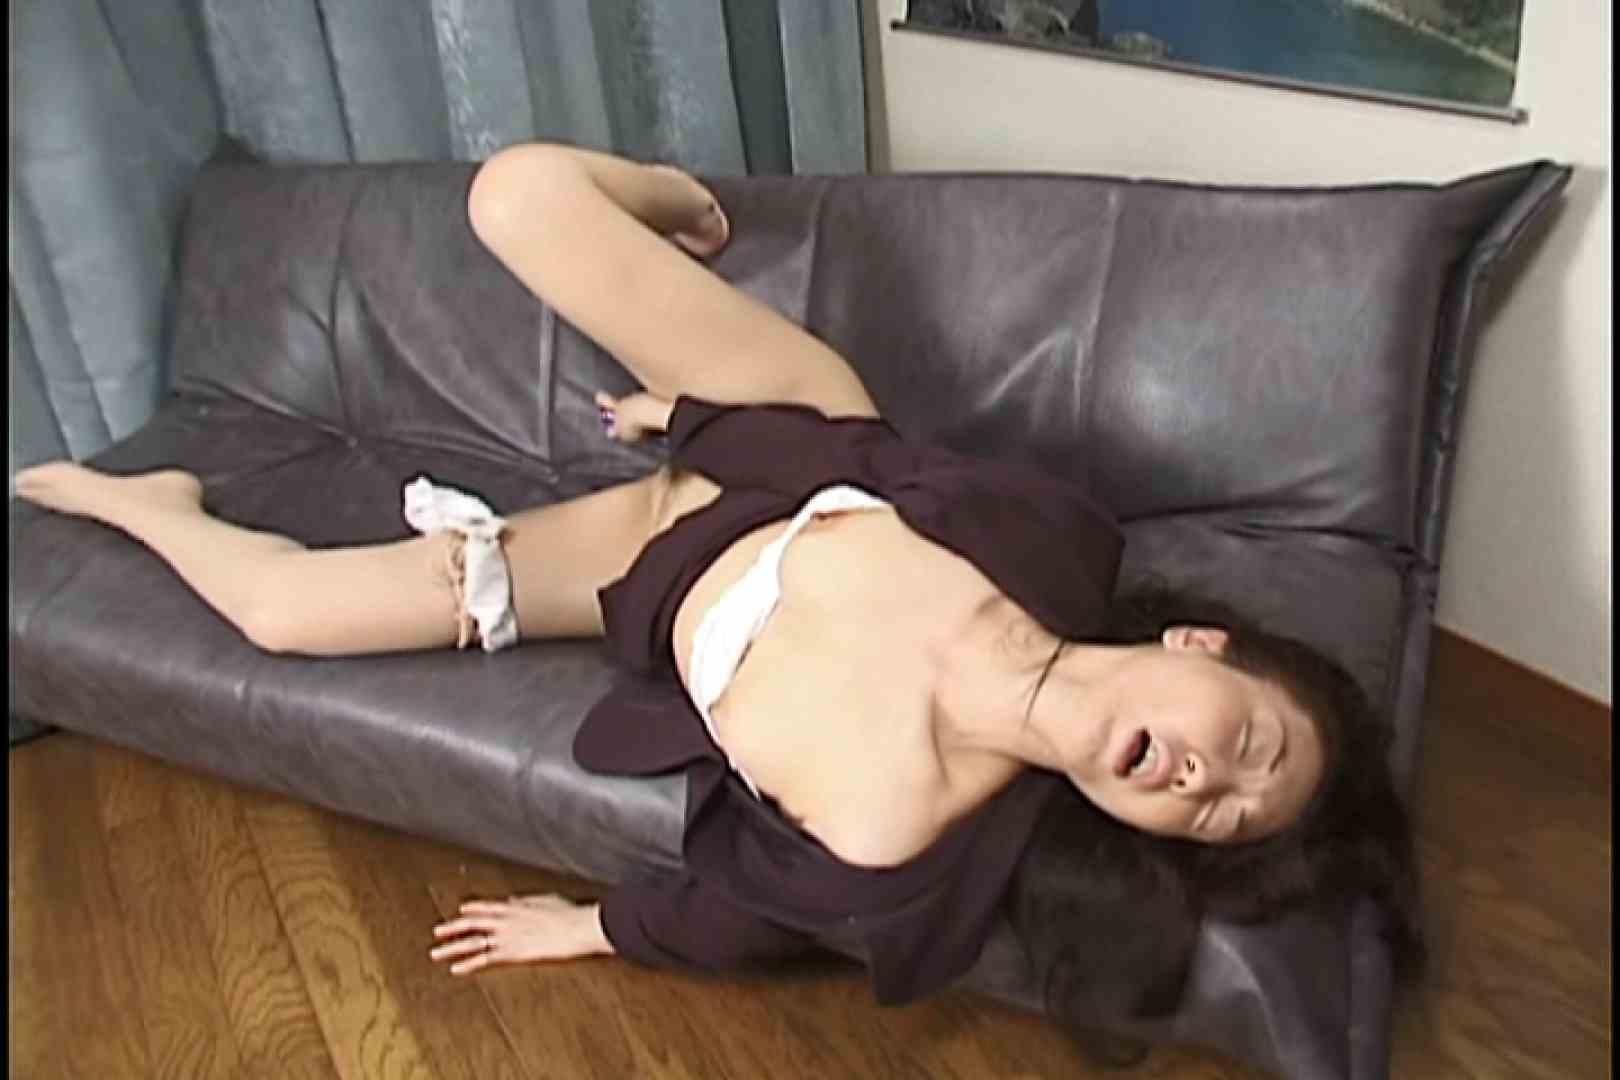 性欲に上限なし!熟女パワー全開~清水美佐子~ オナニー映像  109枚 84